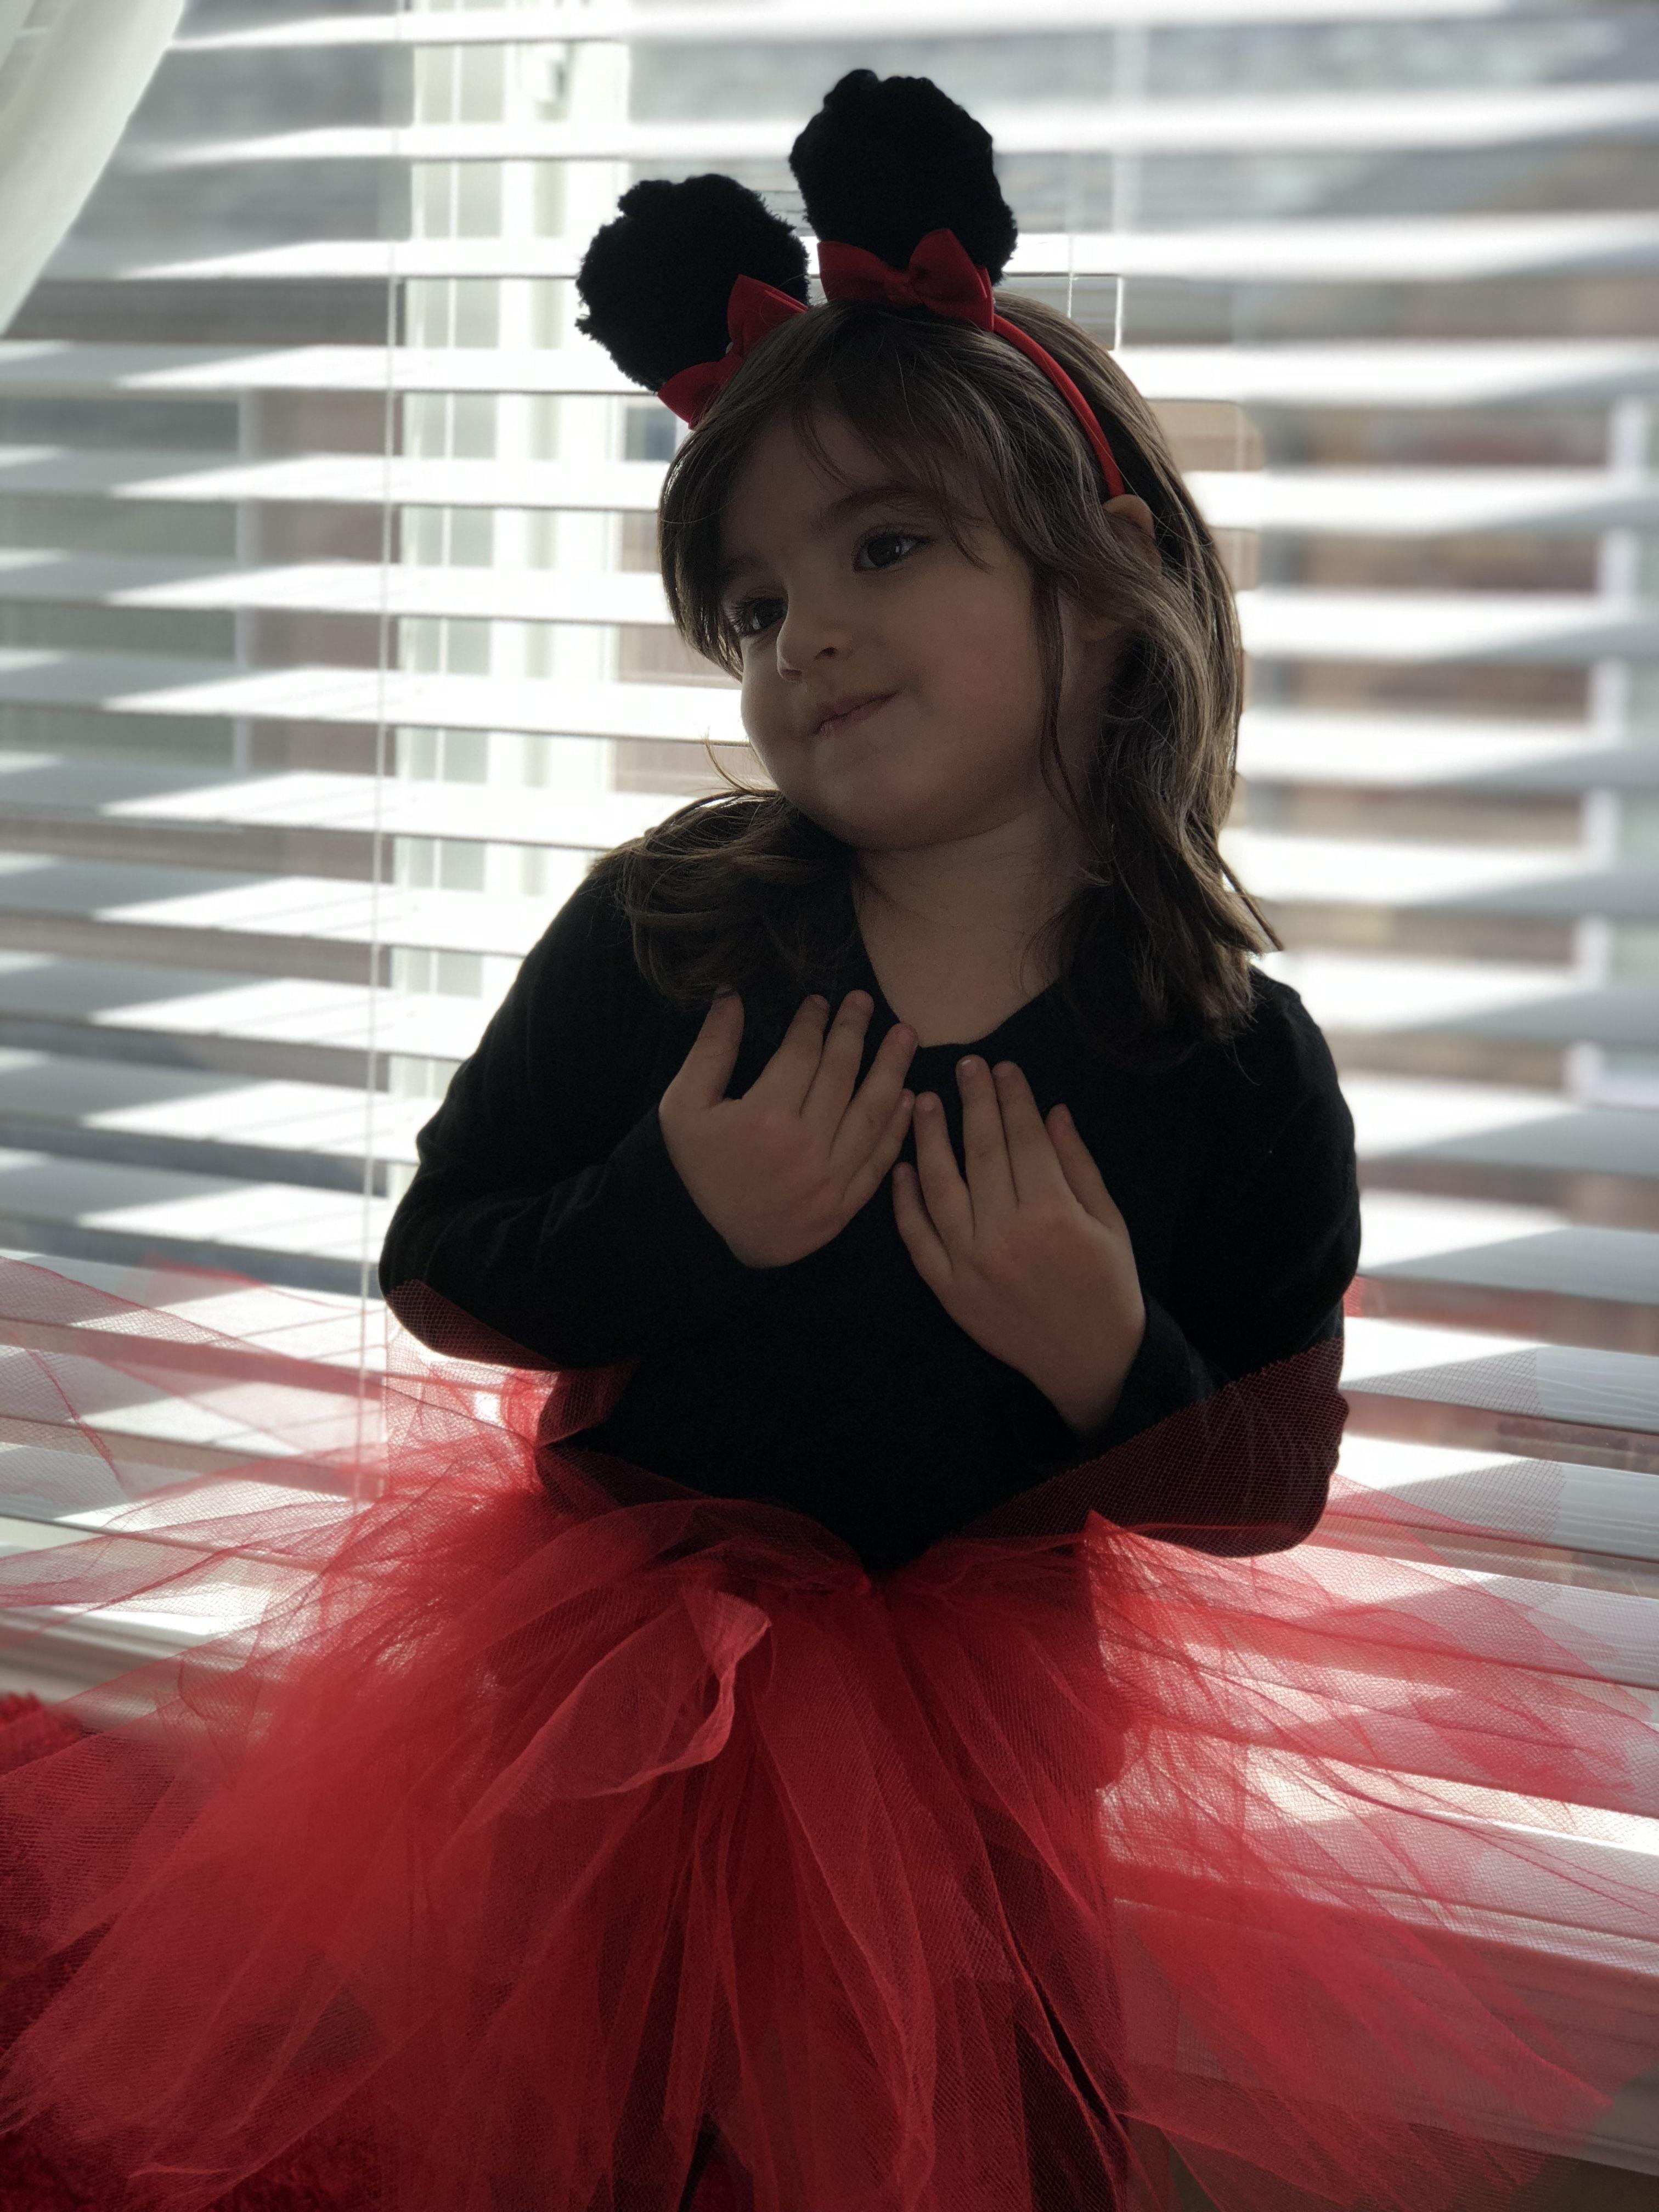 Pin by Hennabyweda on Baby girl Tulle skirt, Girl, Baby girl